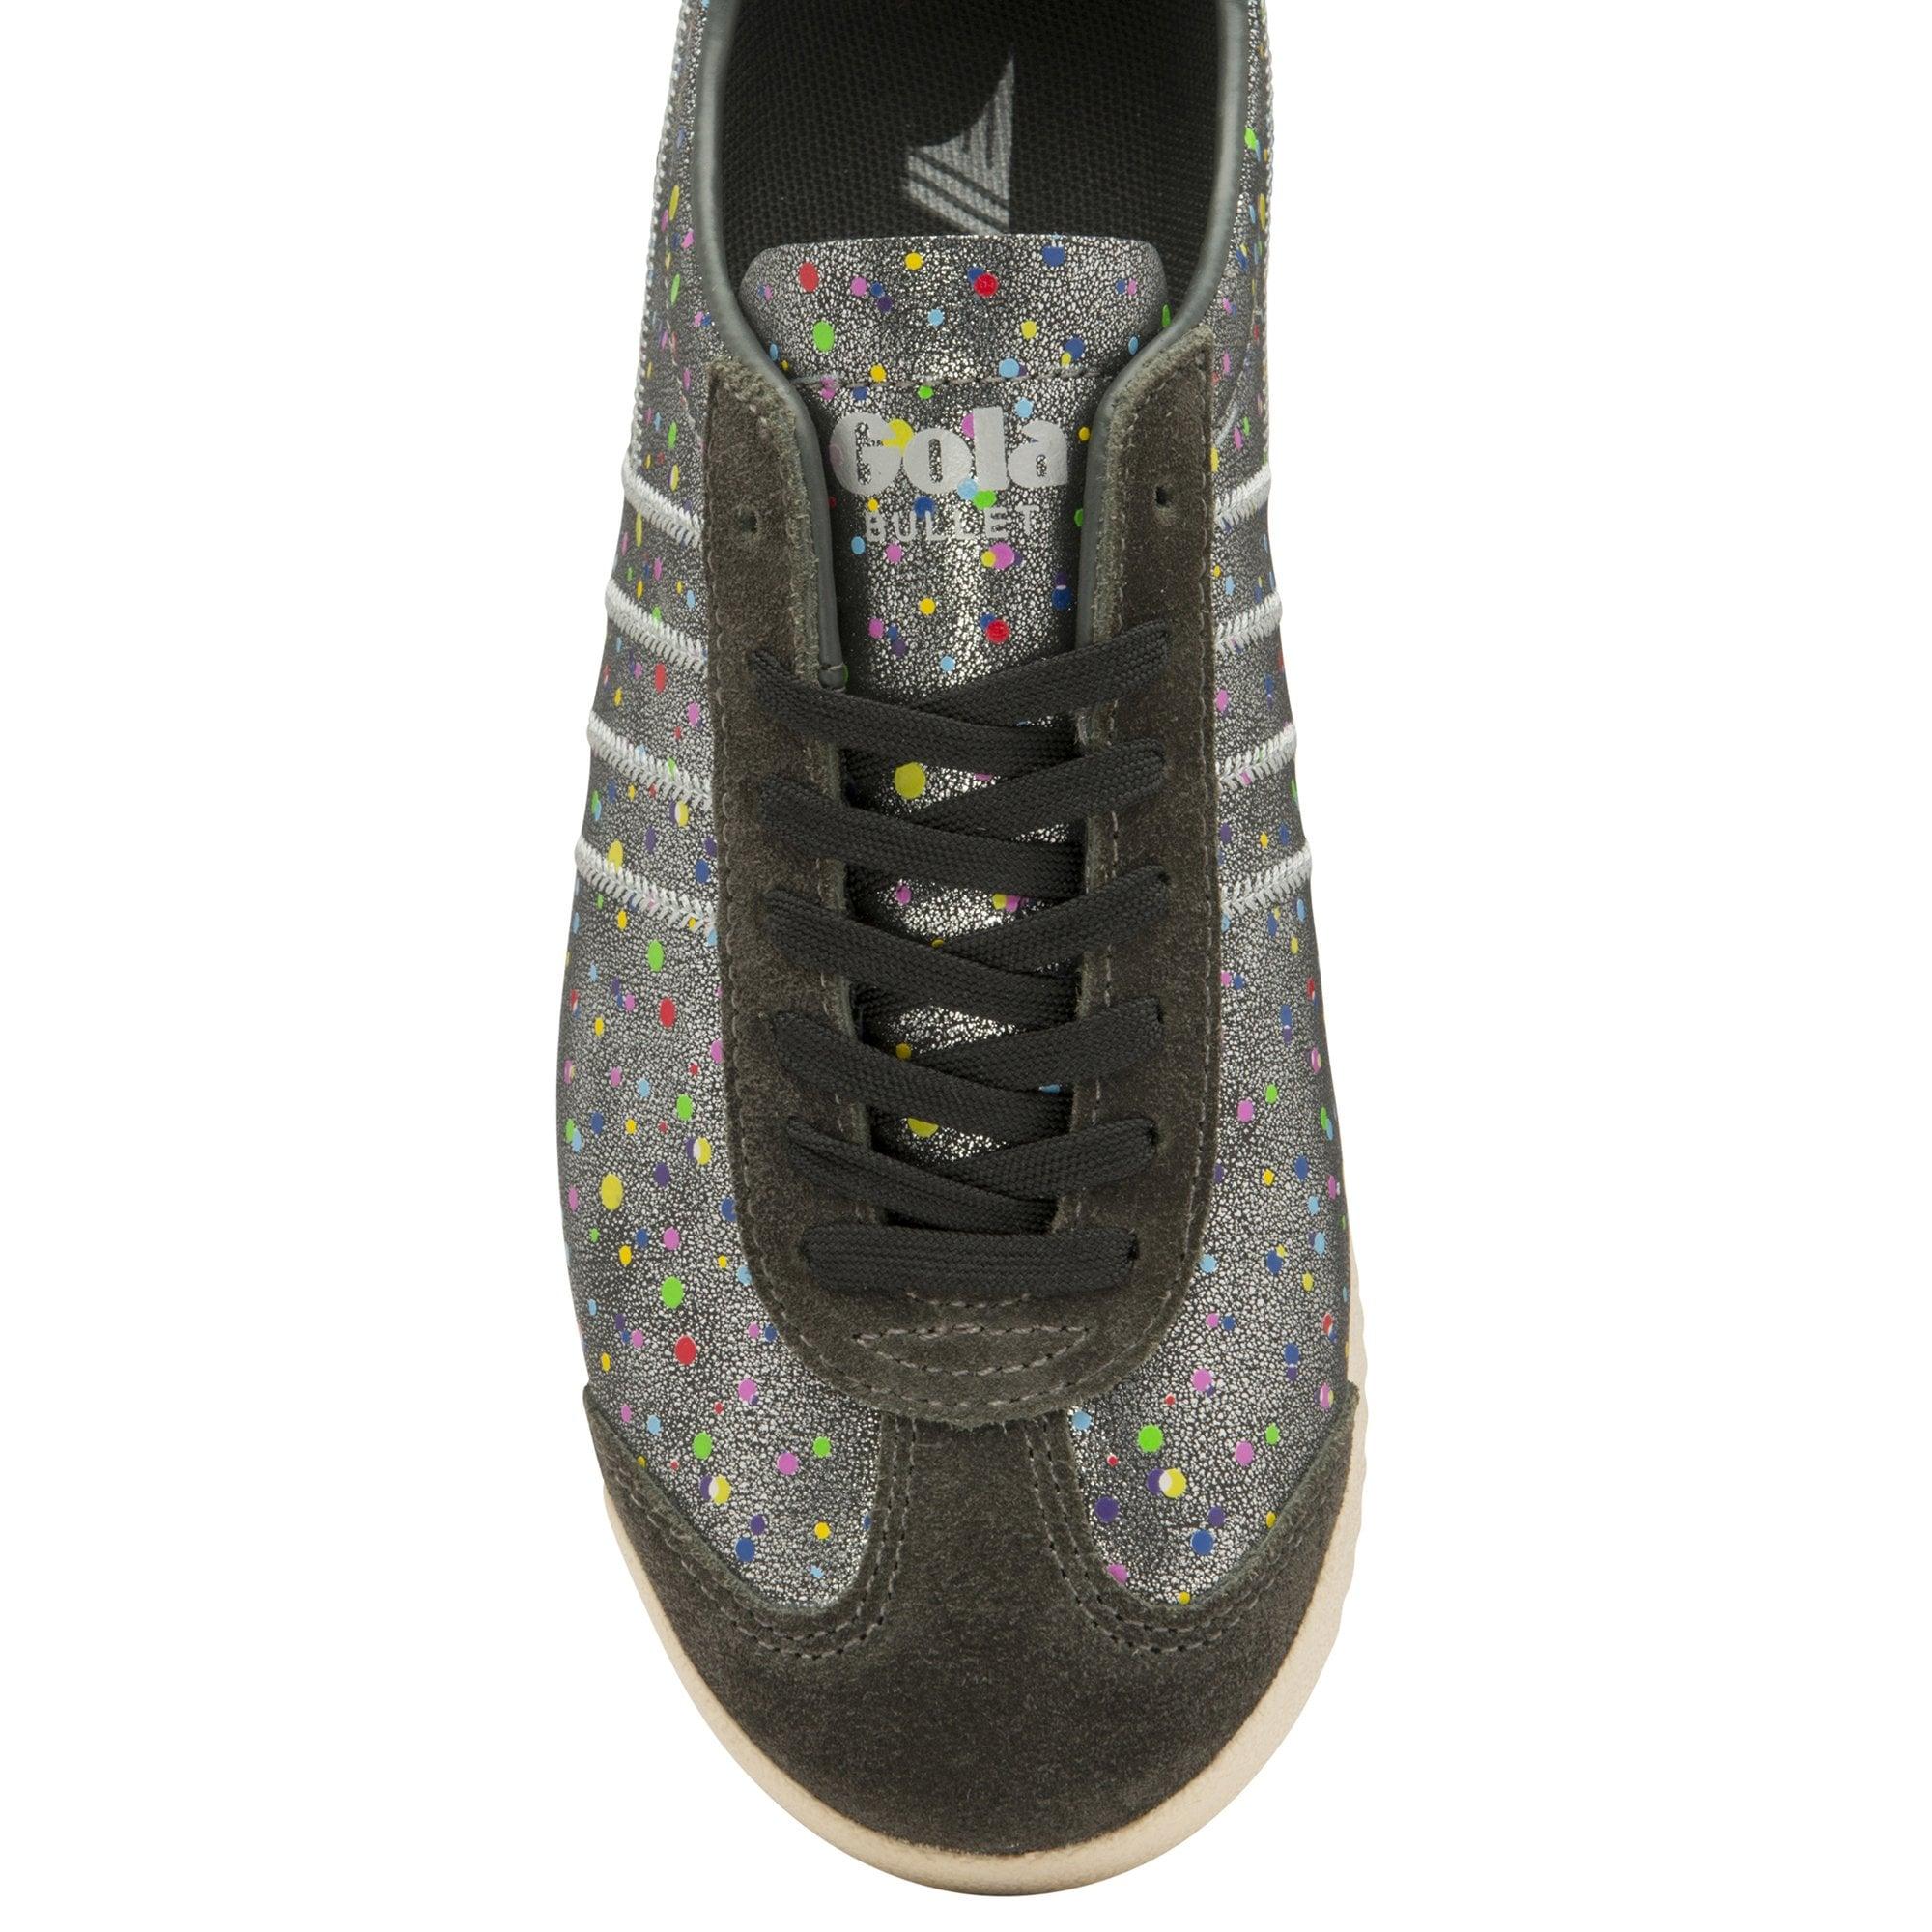 Gola womens Bullet Shimmer Dot sneaker